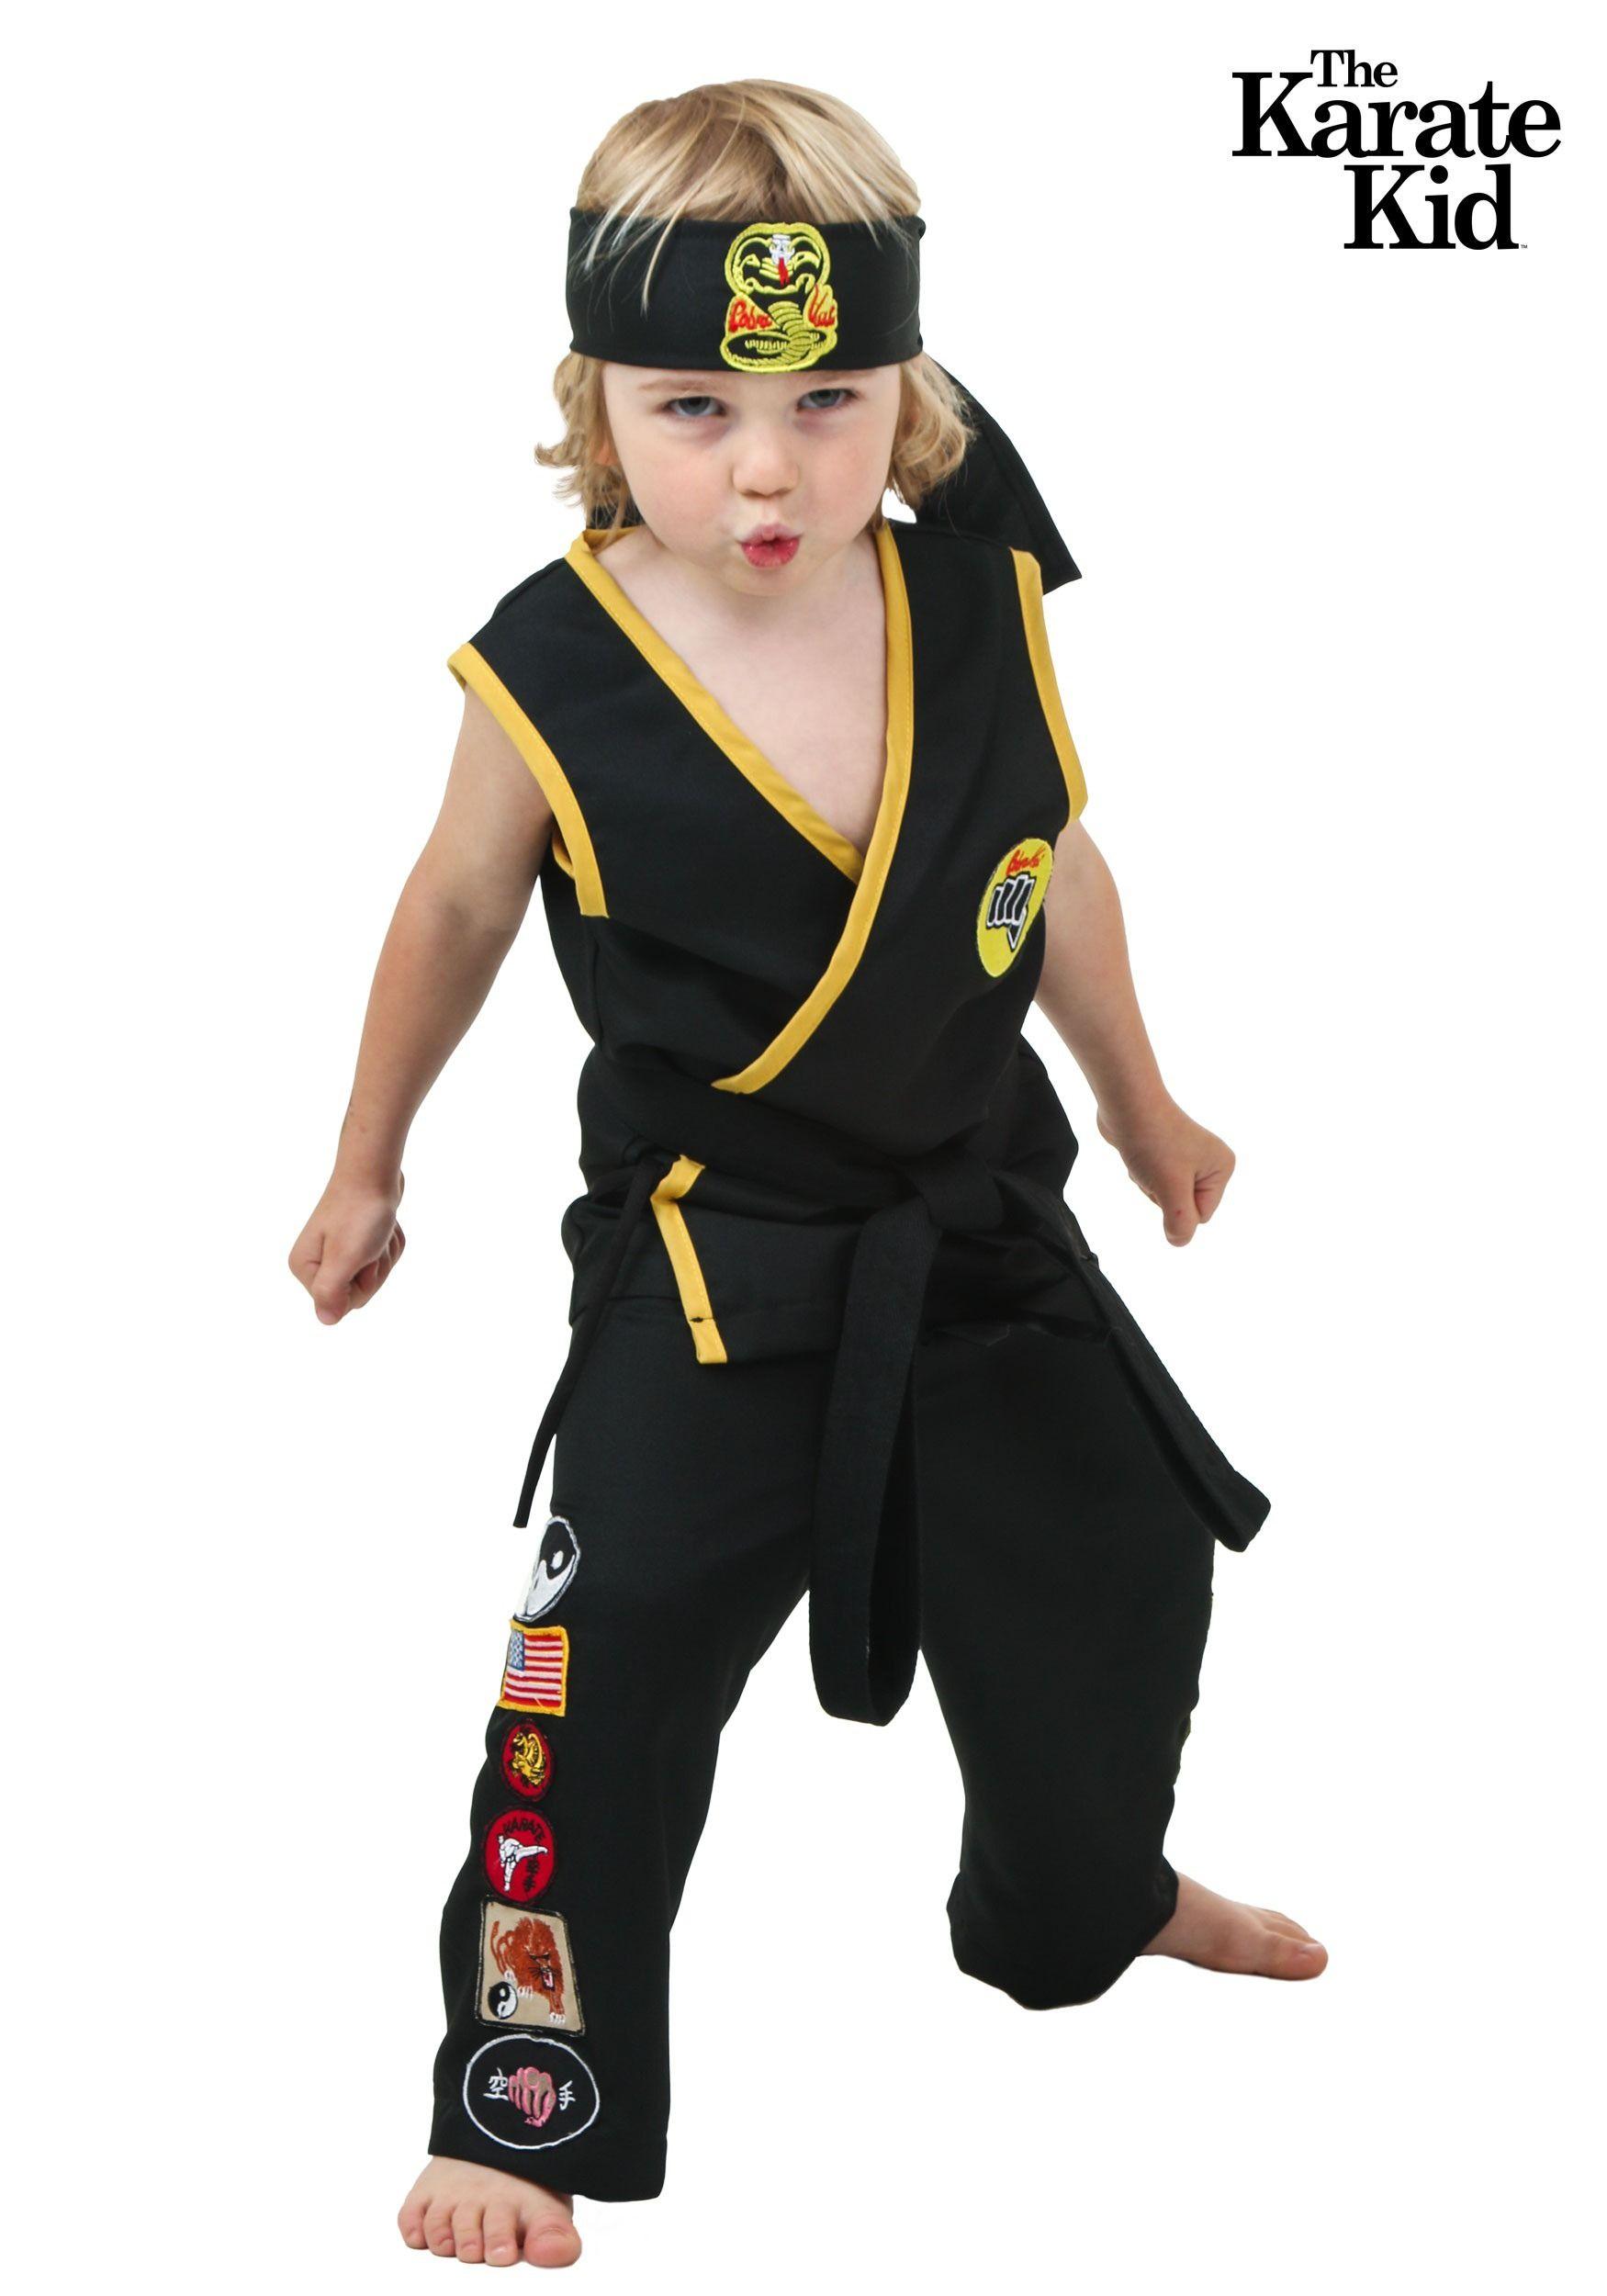 Toddler Cobra Kai Costume Kids costumes girls, Karate